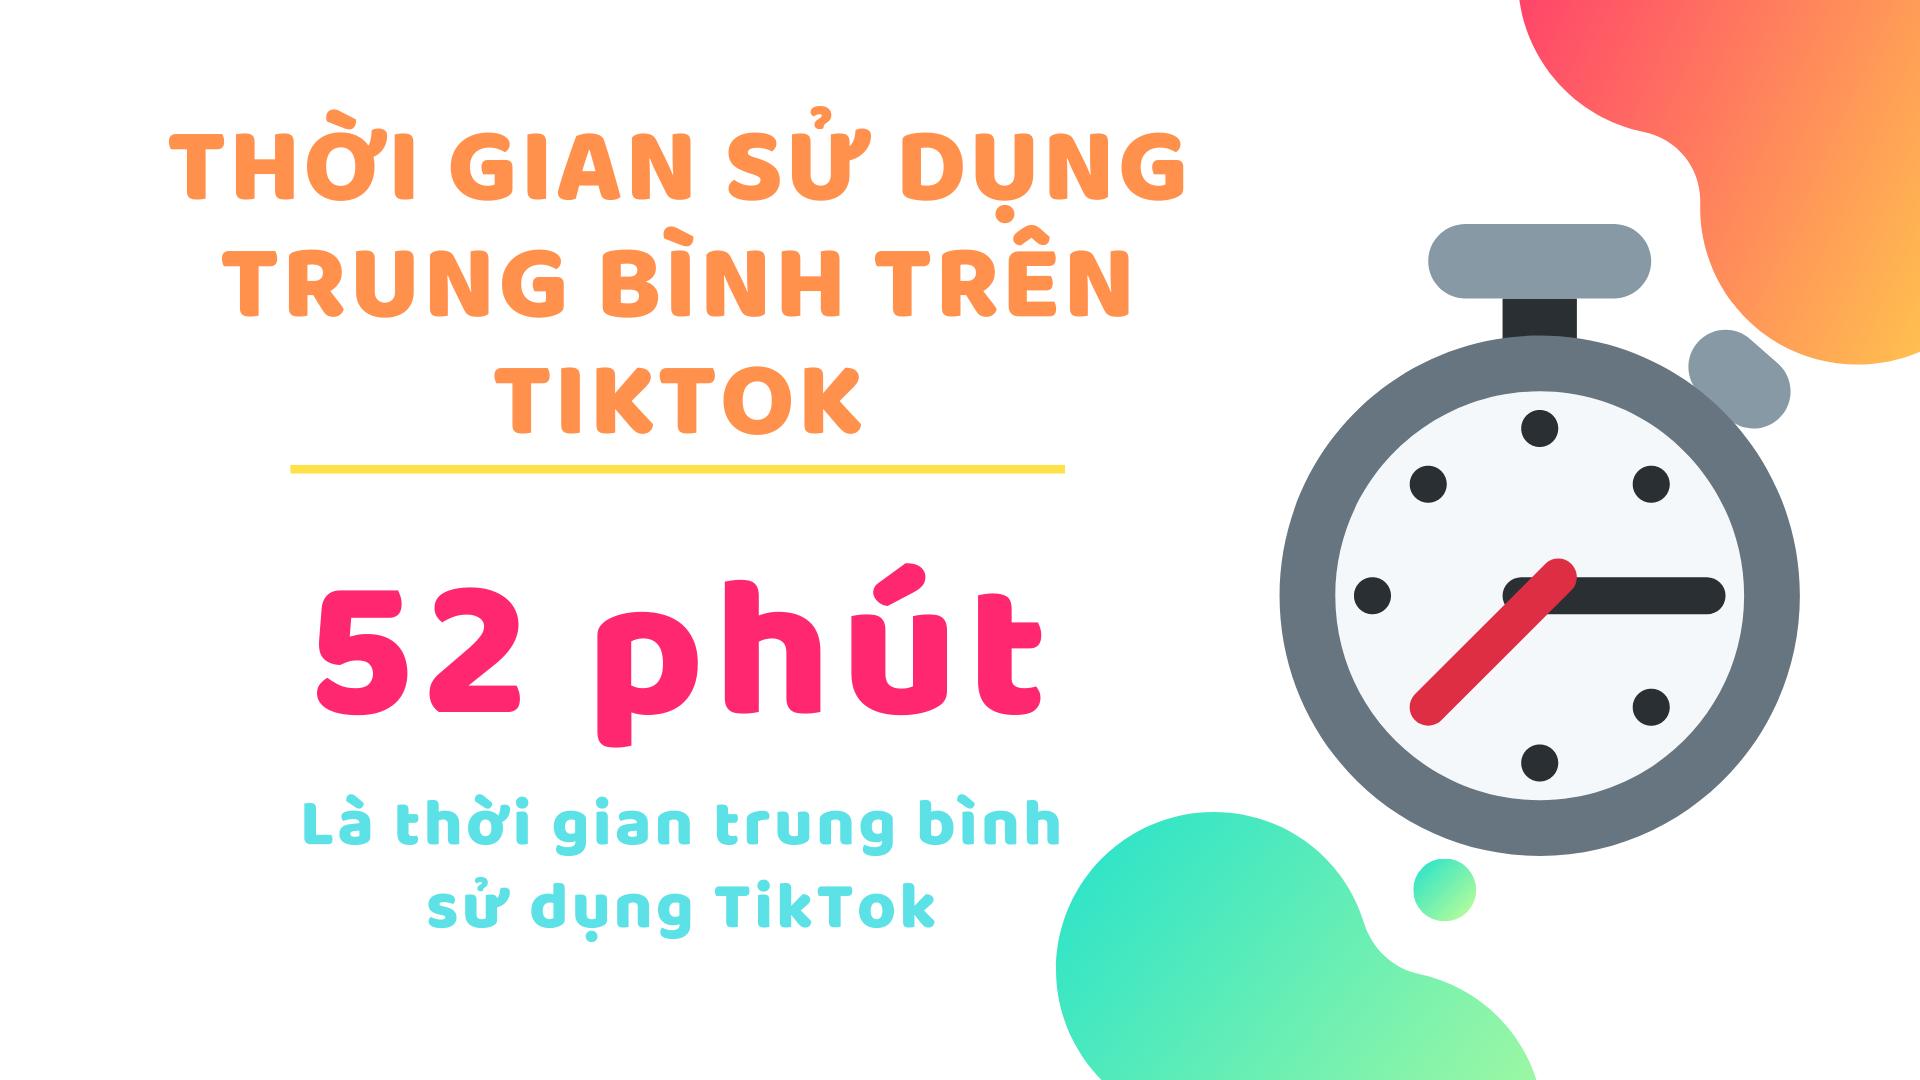 Thời gian sử dụng trung bình trên TikTok